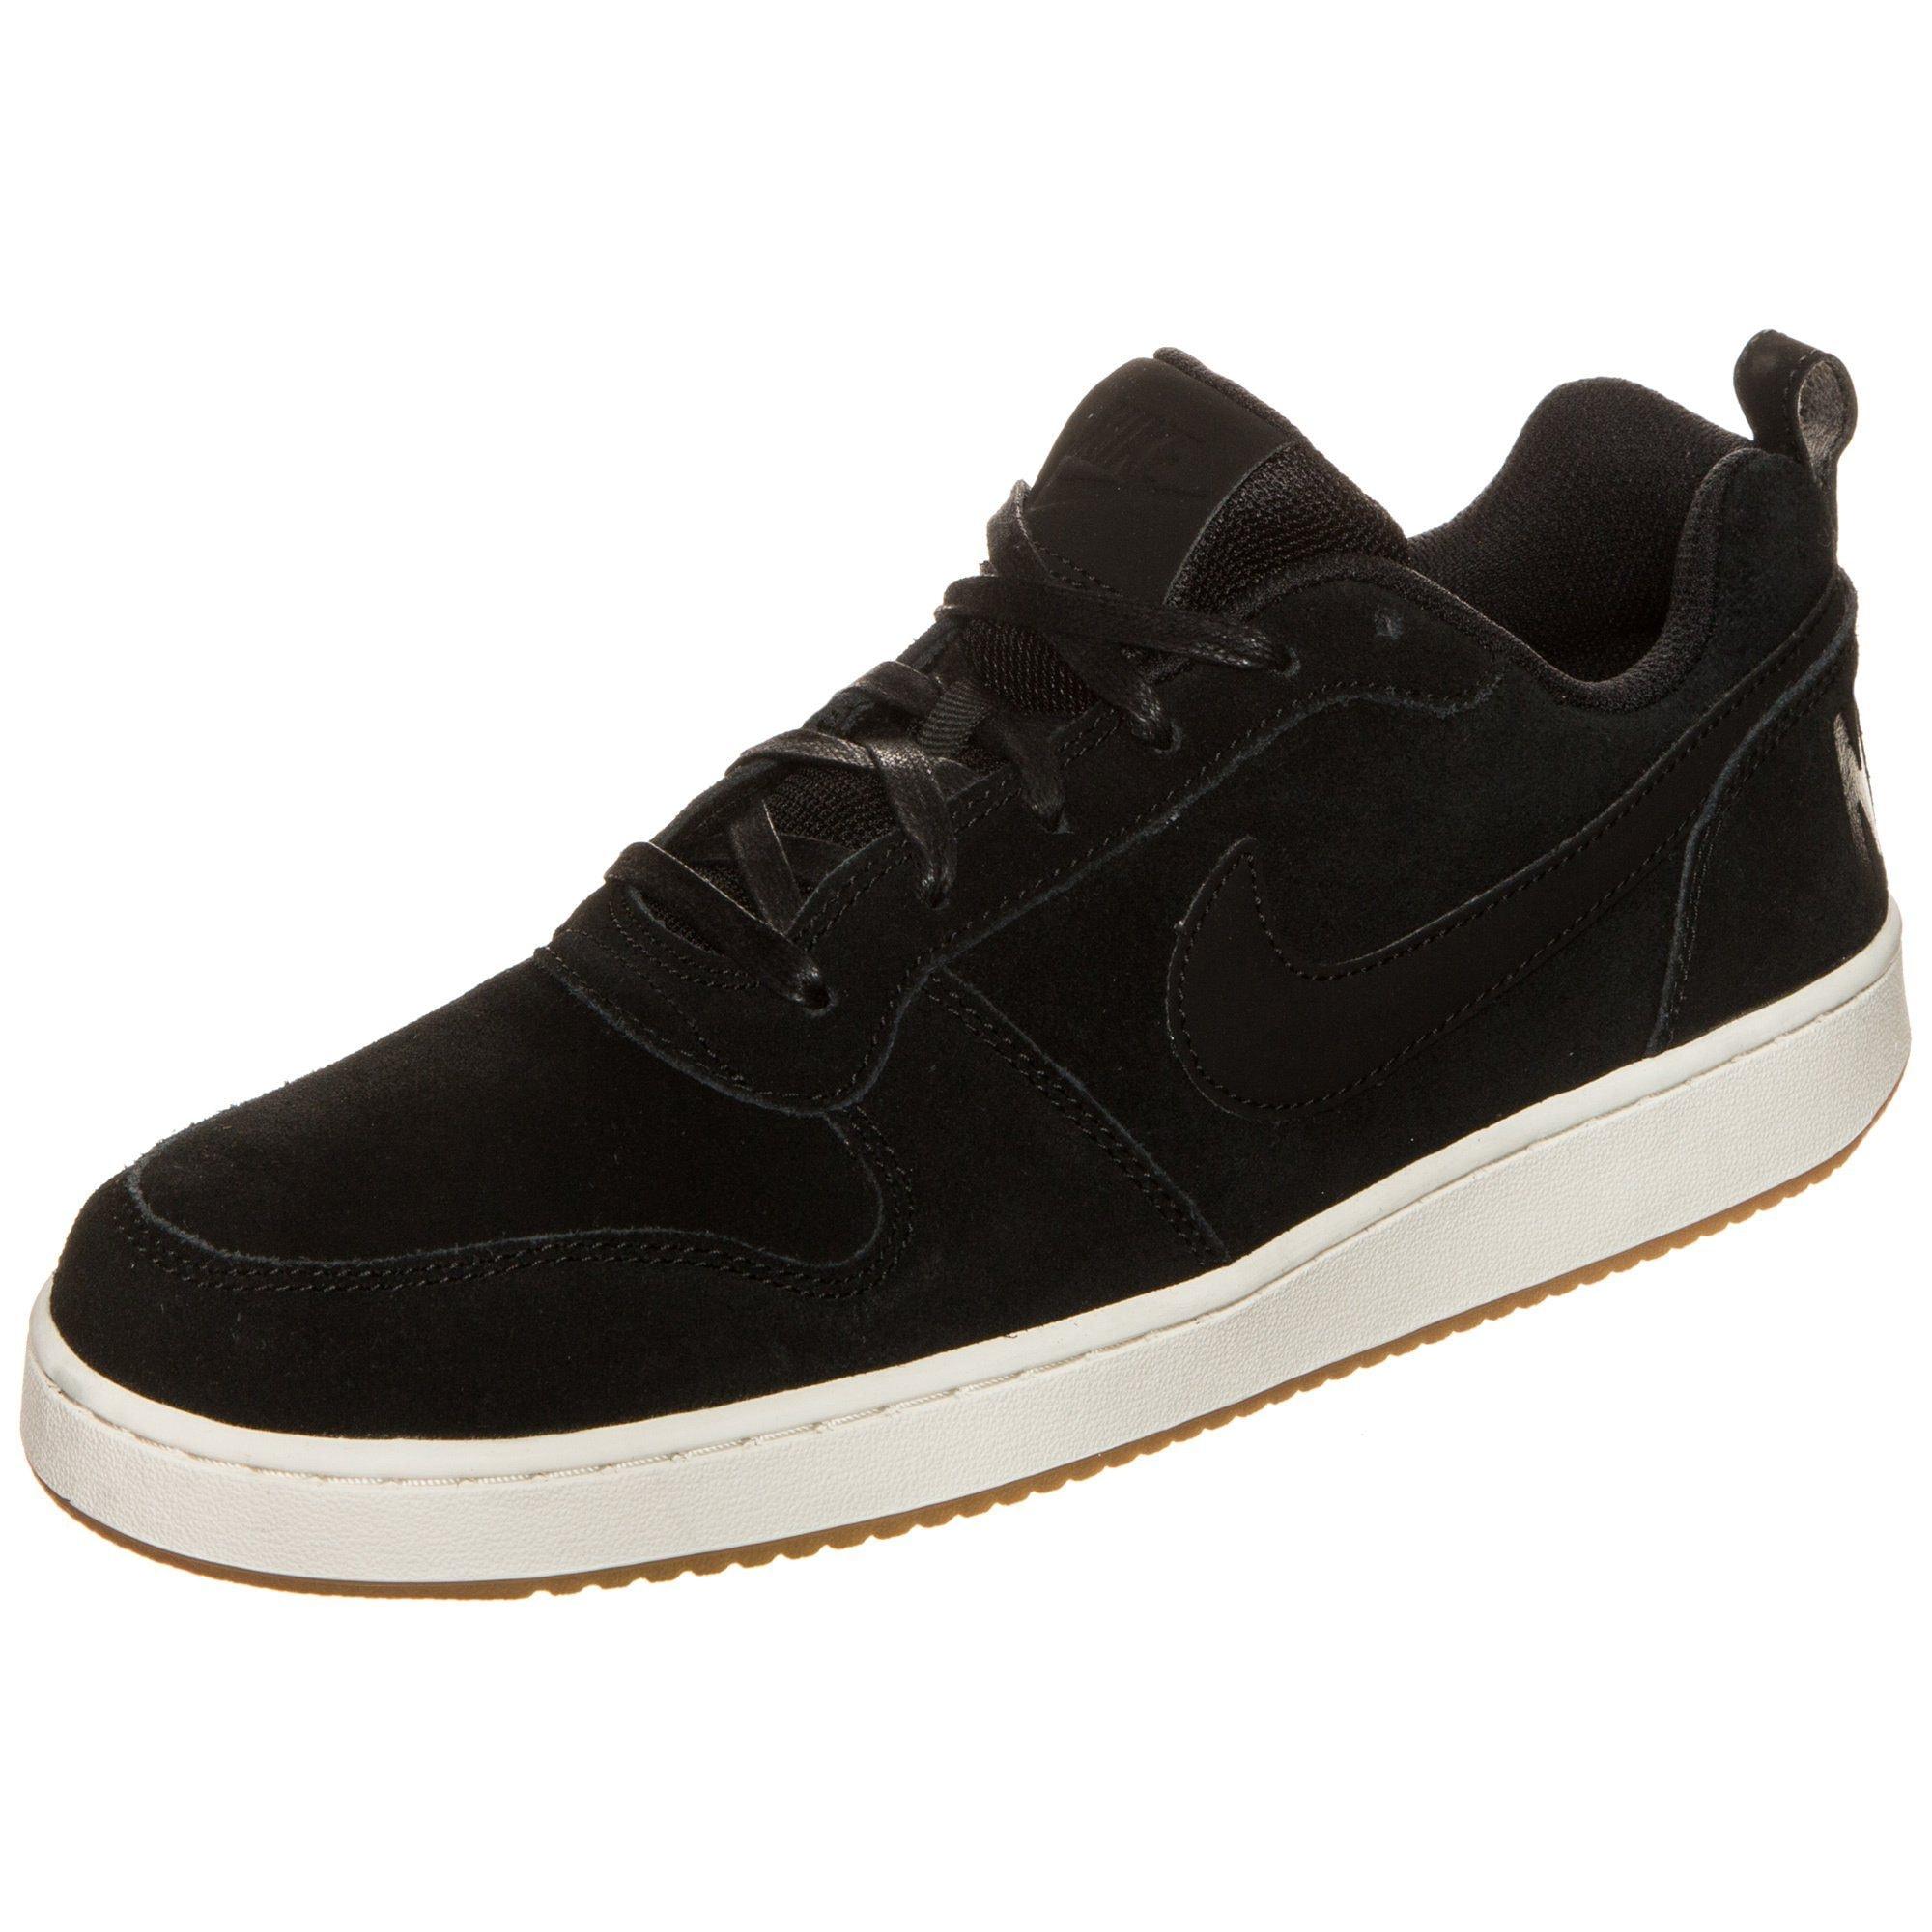 Nike Sportswear Sneaker Court Borough Niedrig Premium per Rechnung | Gutes Preis-Leistungs-Verhältnis, es lohnt sich